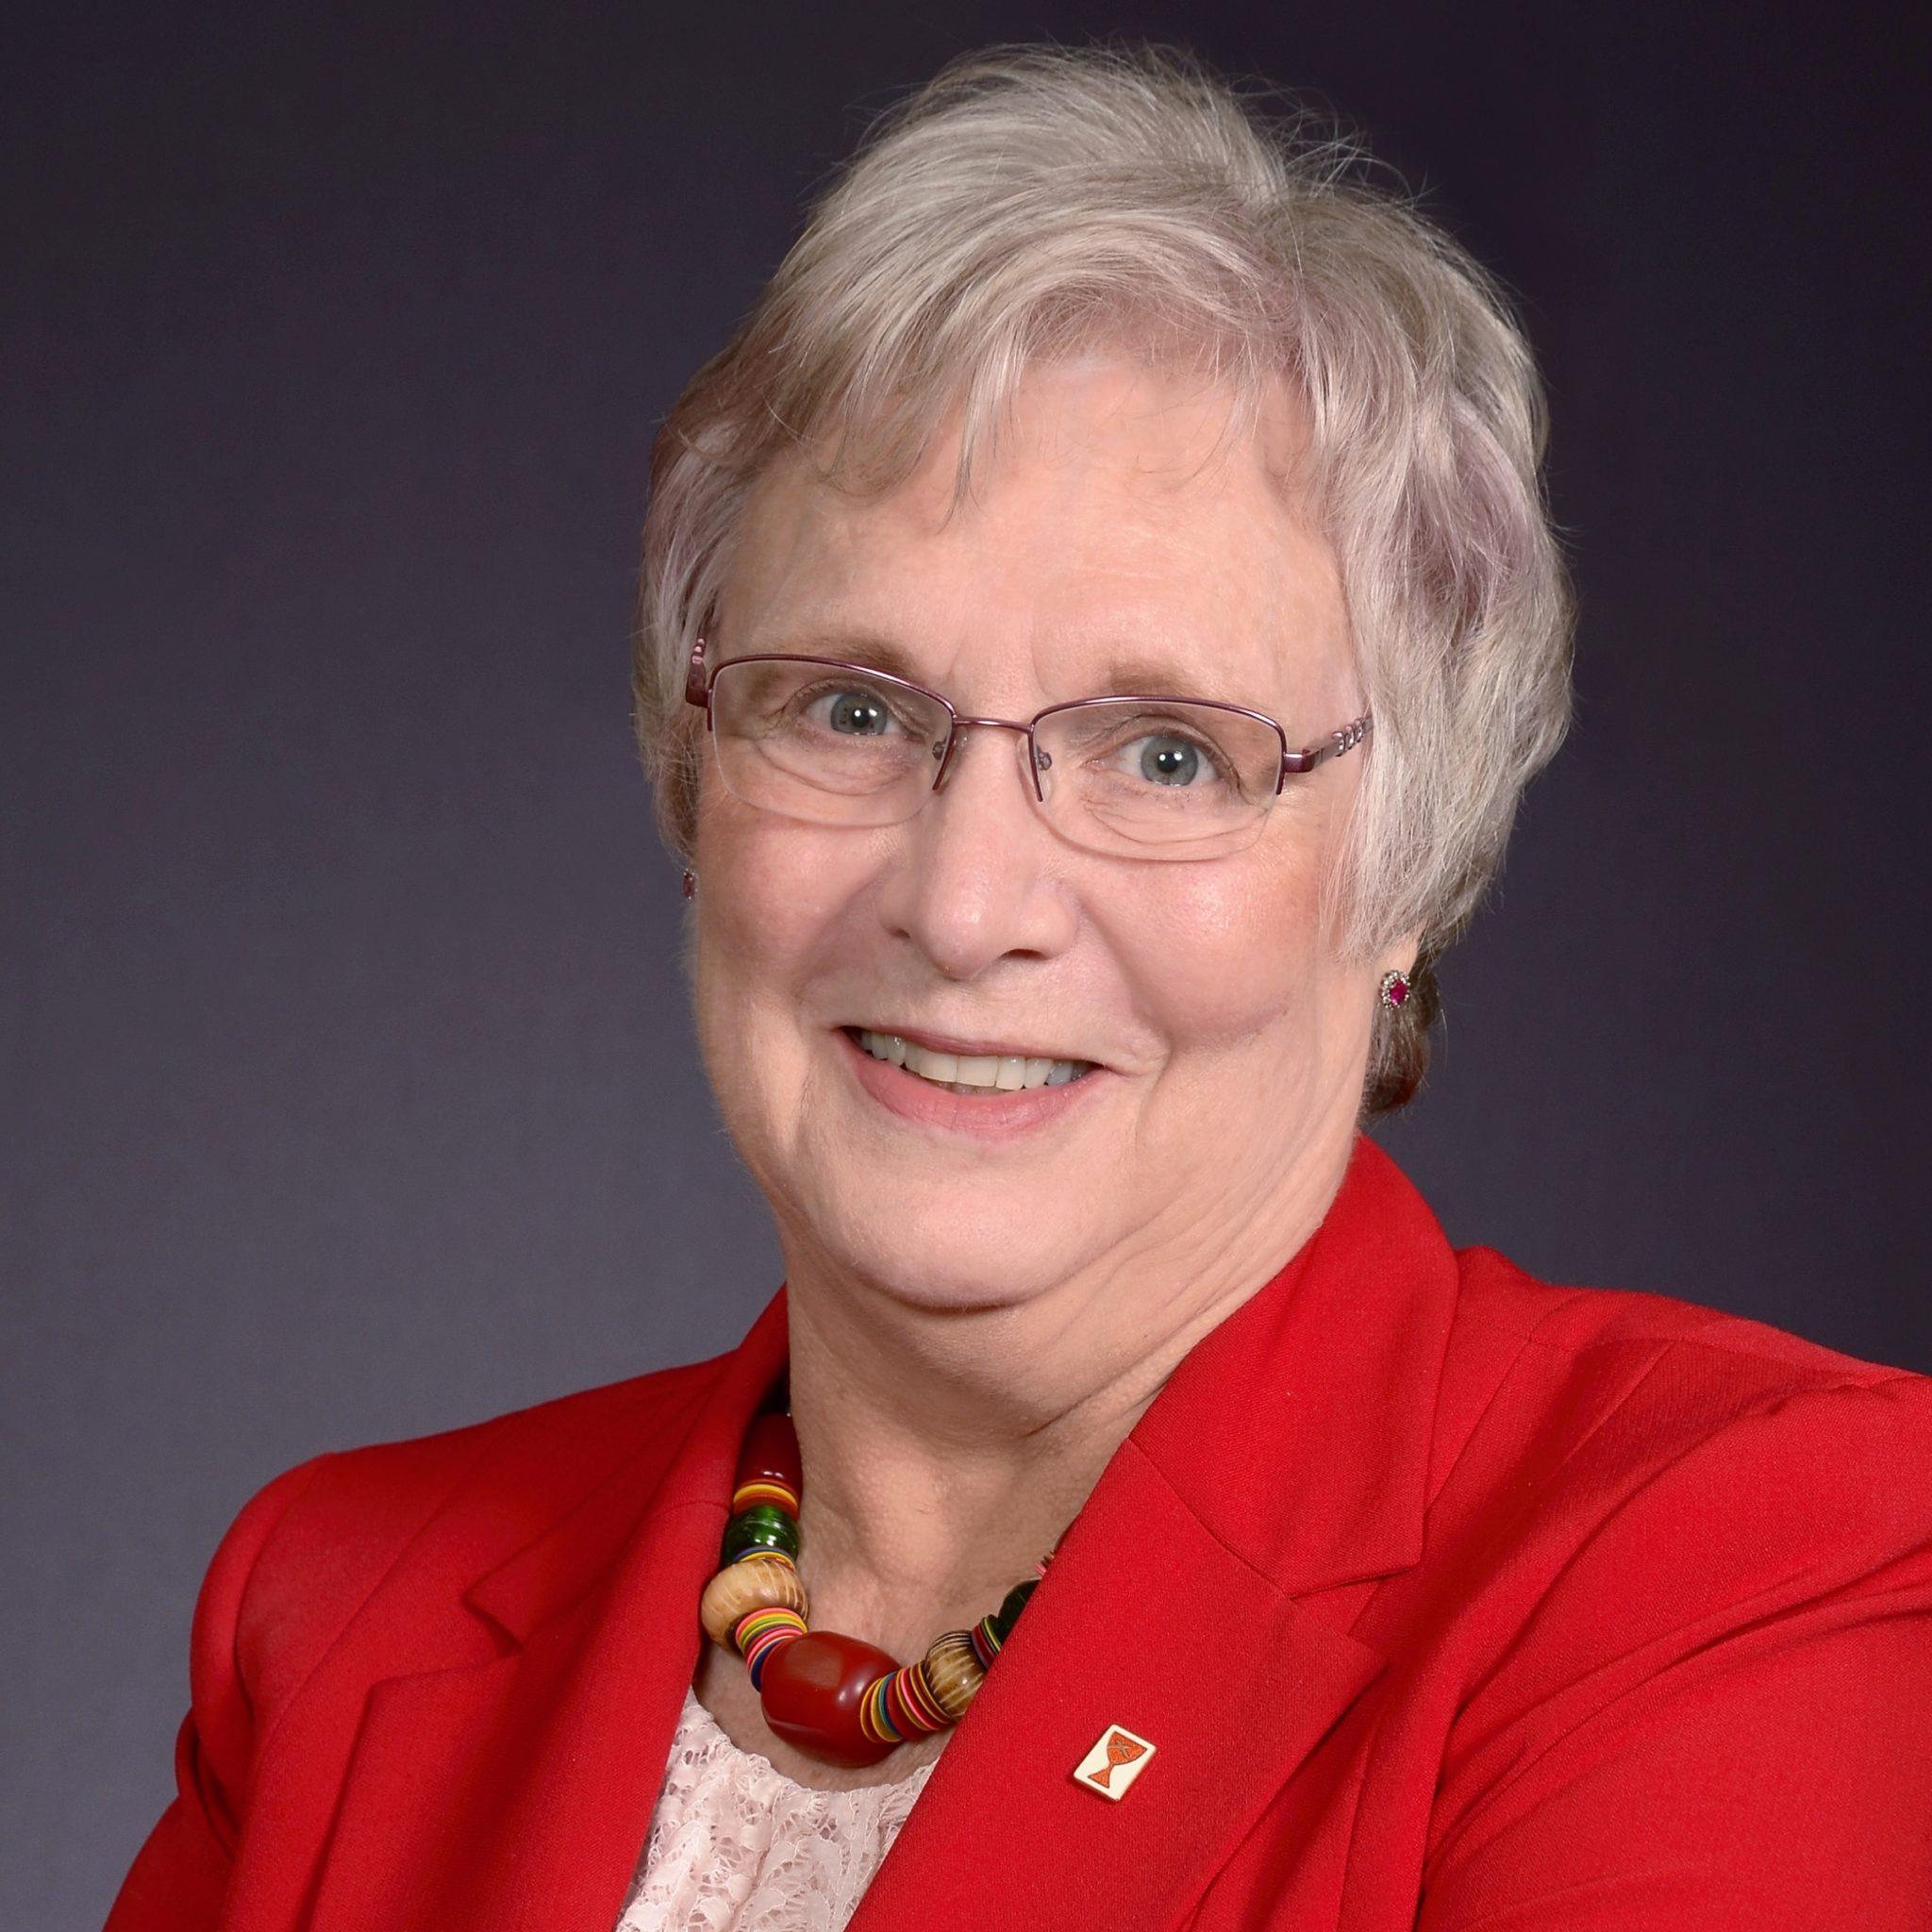 Judy Shannon, MS, CVA